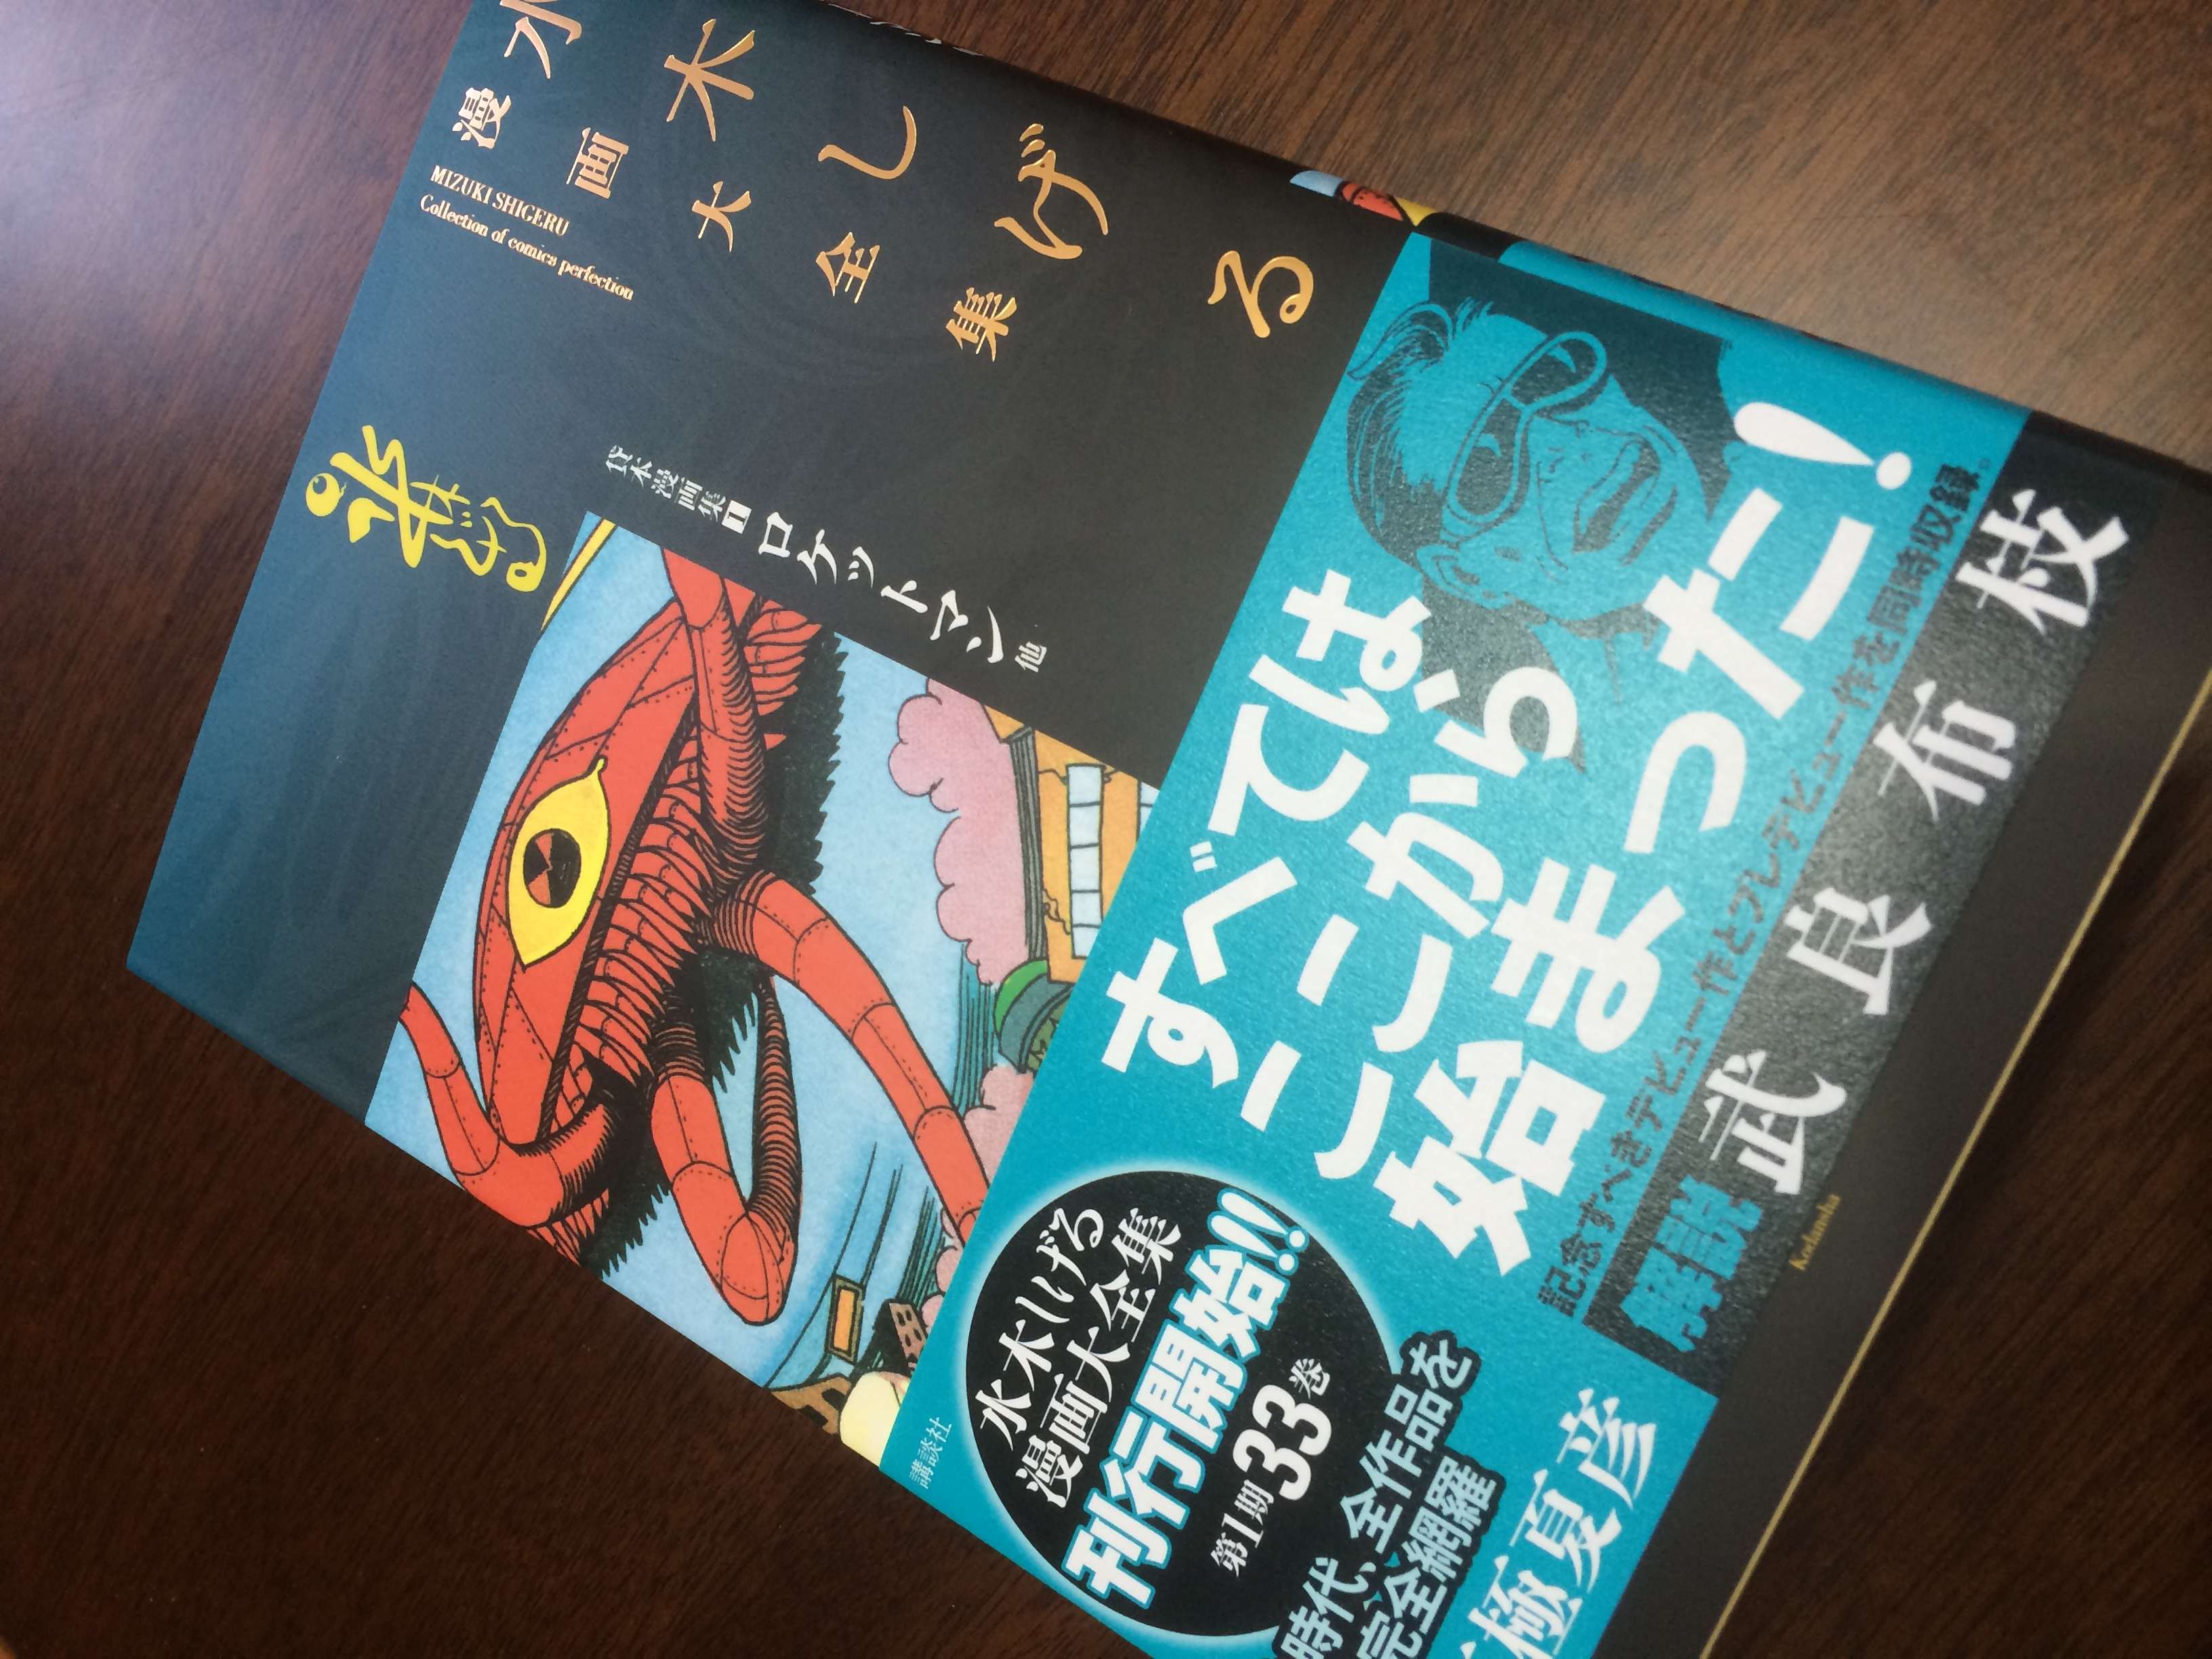 水木しげる漫画大全集を買ったのでレビュー!「貸本漫画集ロケットマン」